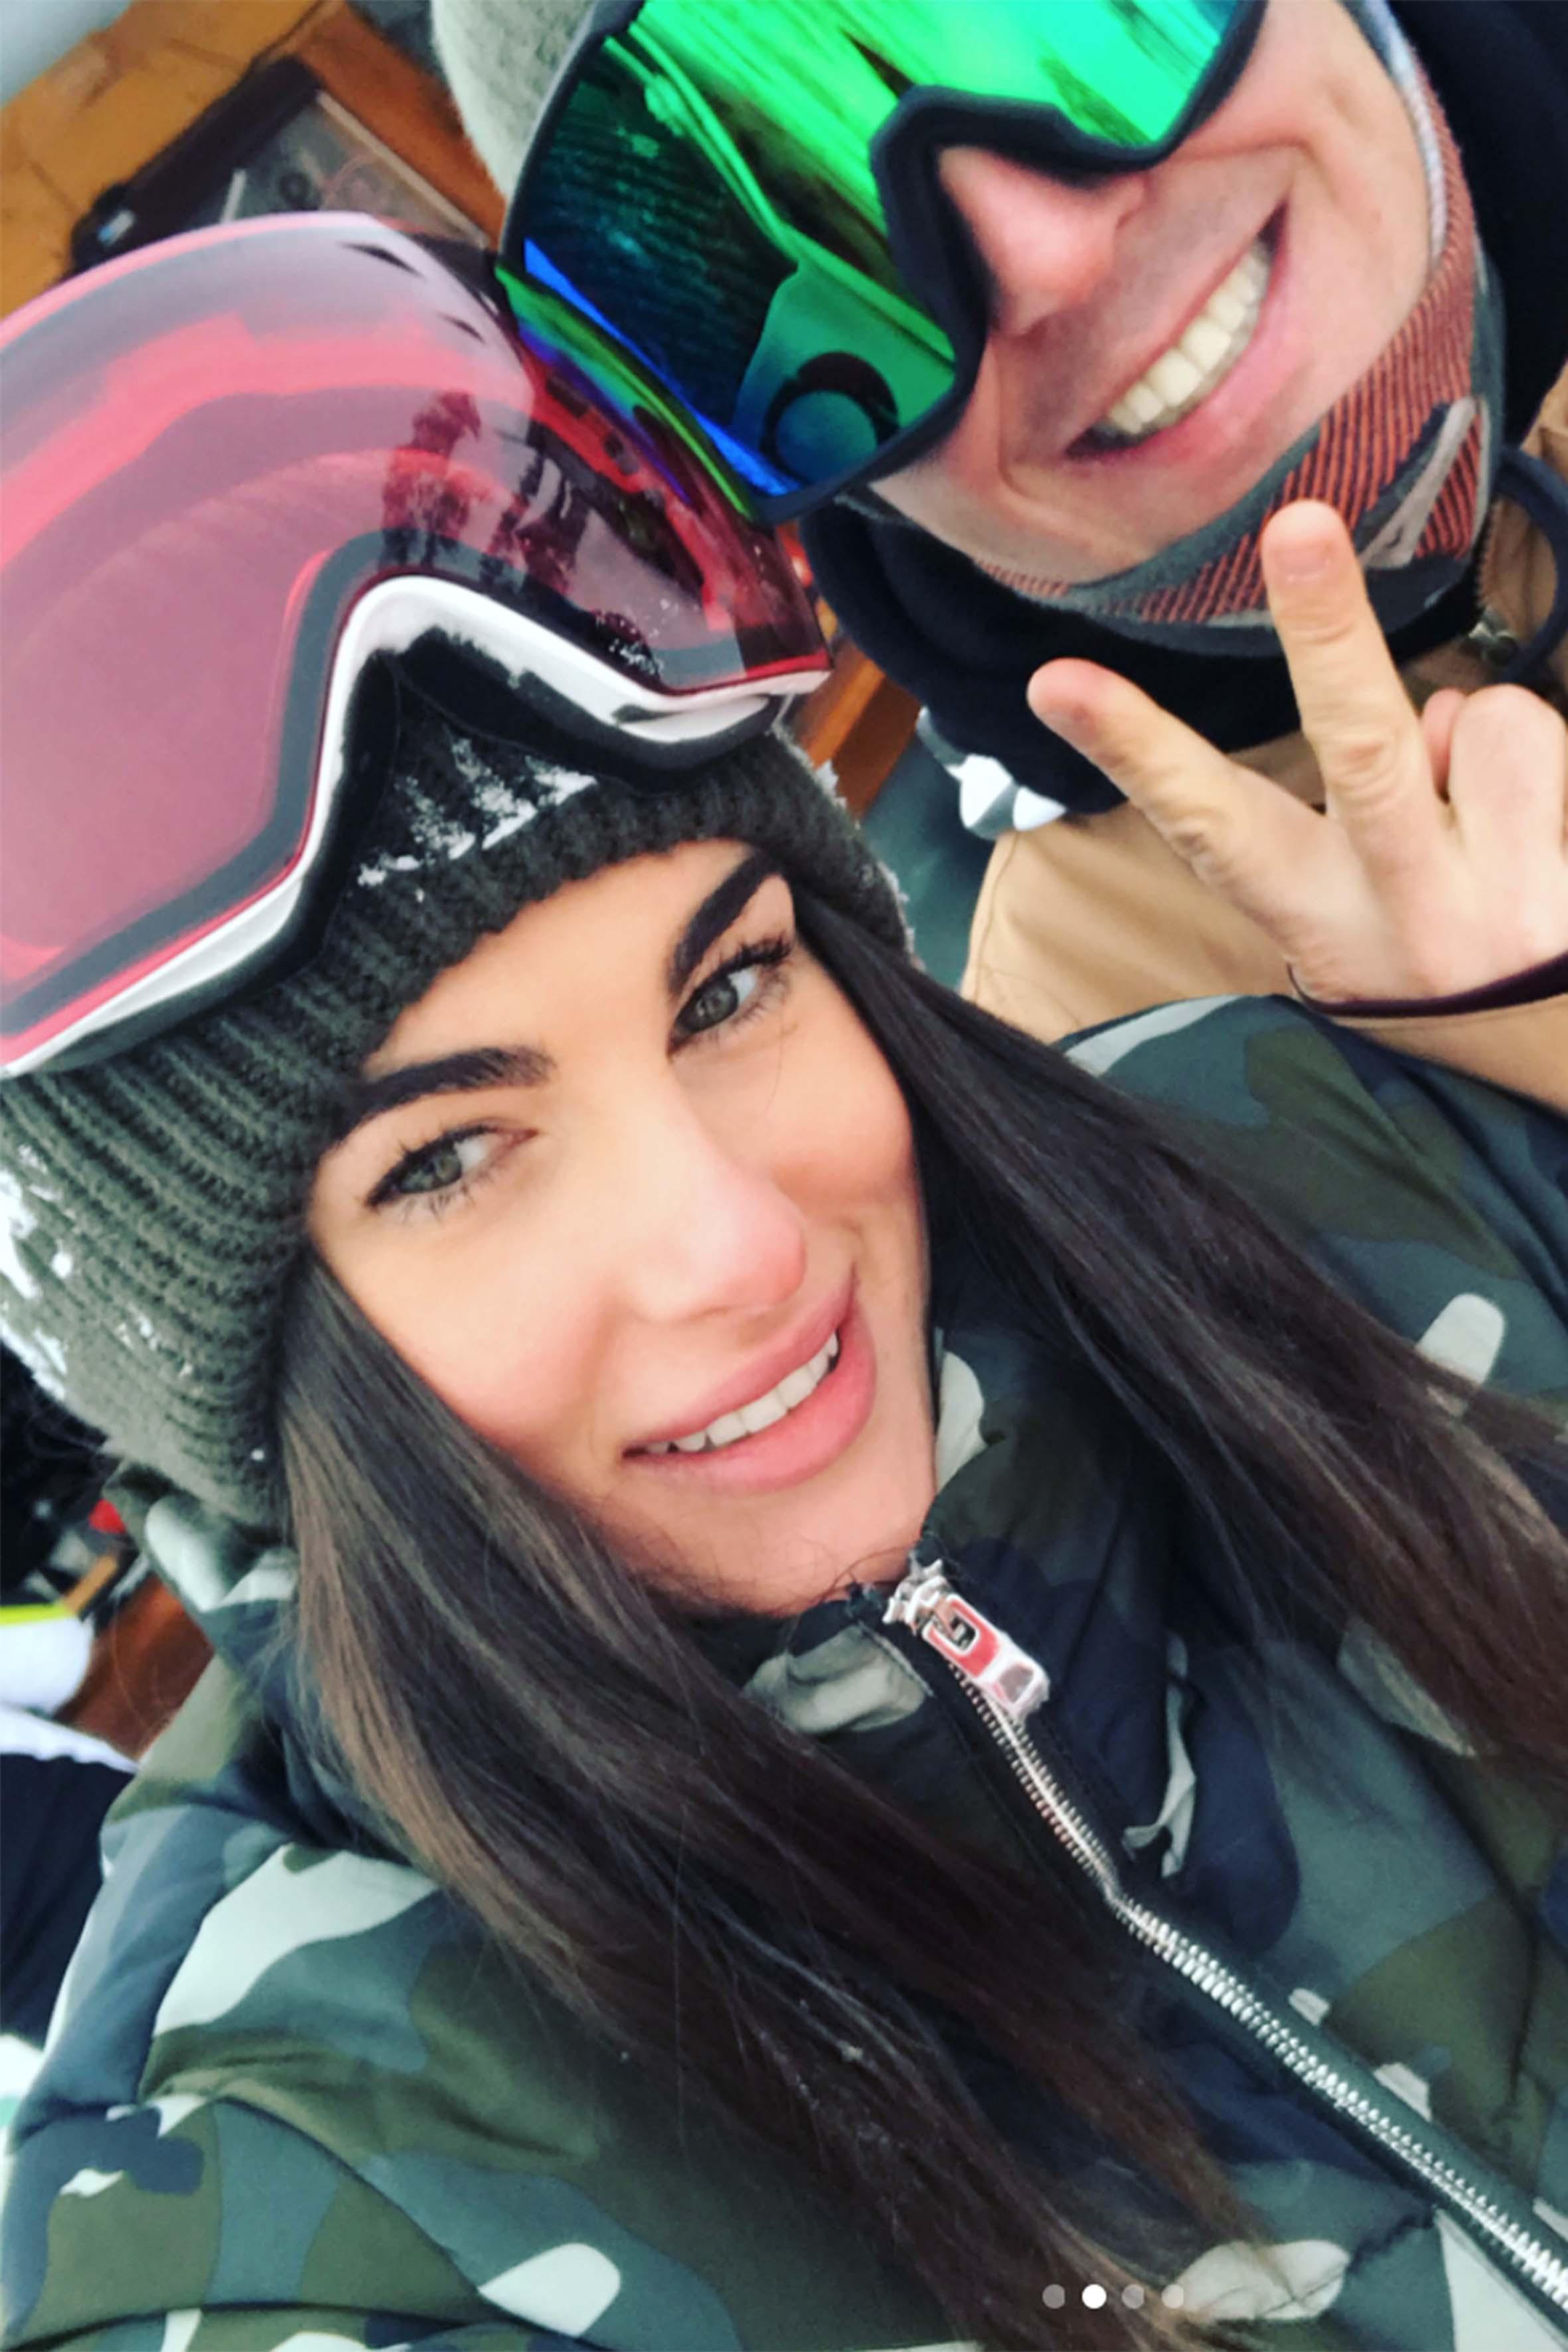 Francesca Sofia Novello in uno scatto postato sul suo profilo Instagram con l'istruttore di snowbord Giulio Angeli. Francesca è originaria di Arese, Milano, ed è una modella e ombrellina di 24 anni. Molti la definiscono la sosia di Brooke Shields